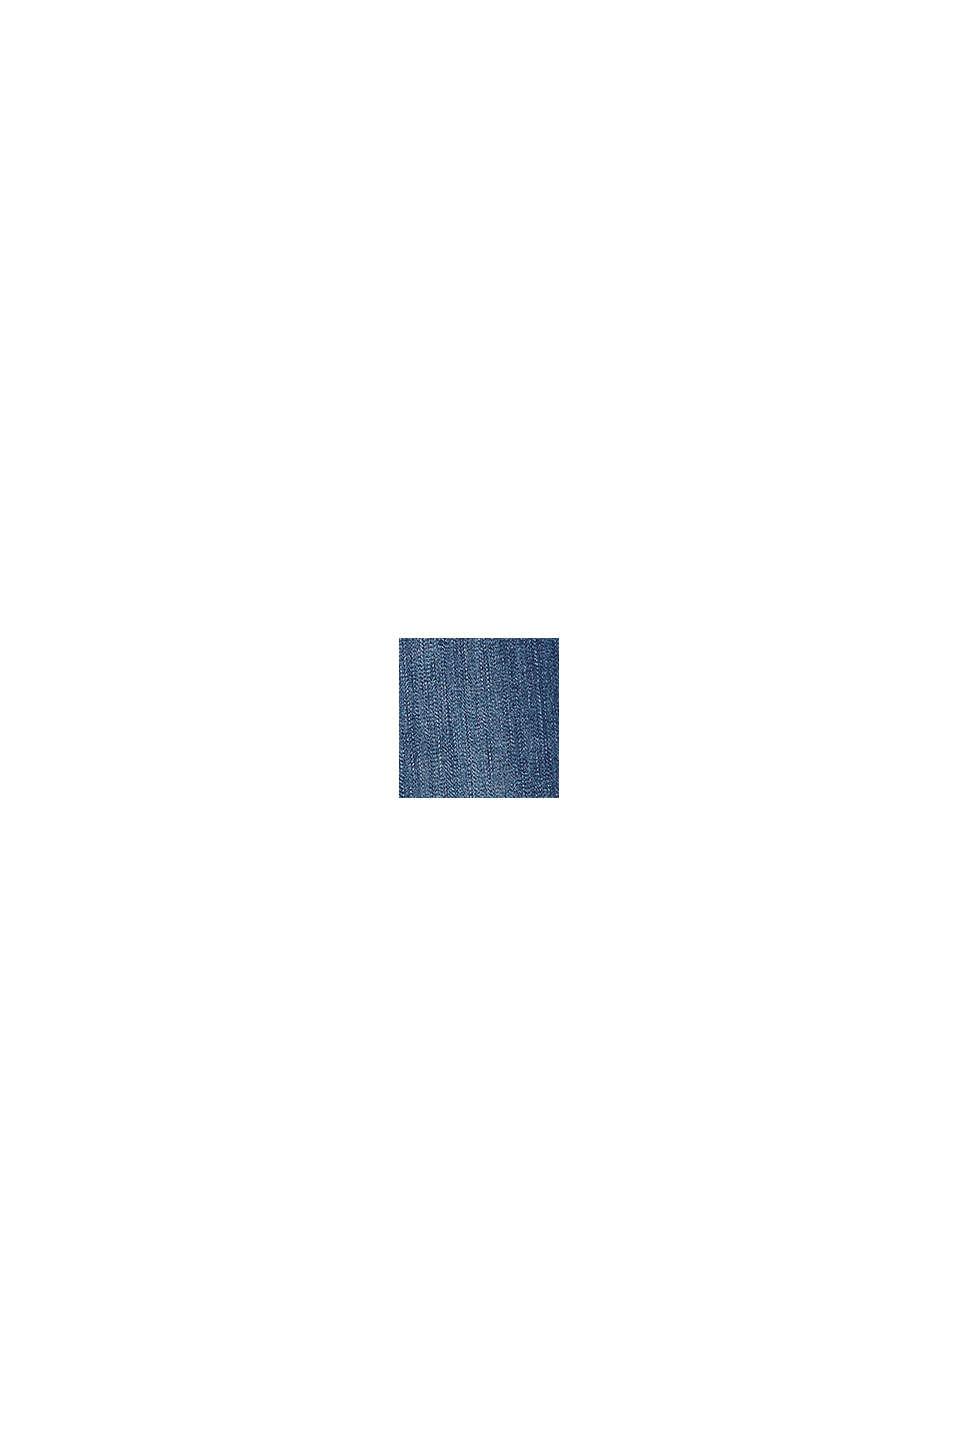 Verstellbund-Jeans mit lässigem Saum, BLUE DARK WASHED, swatch